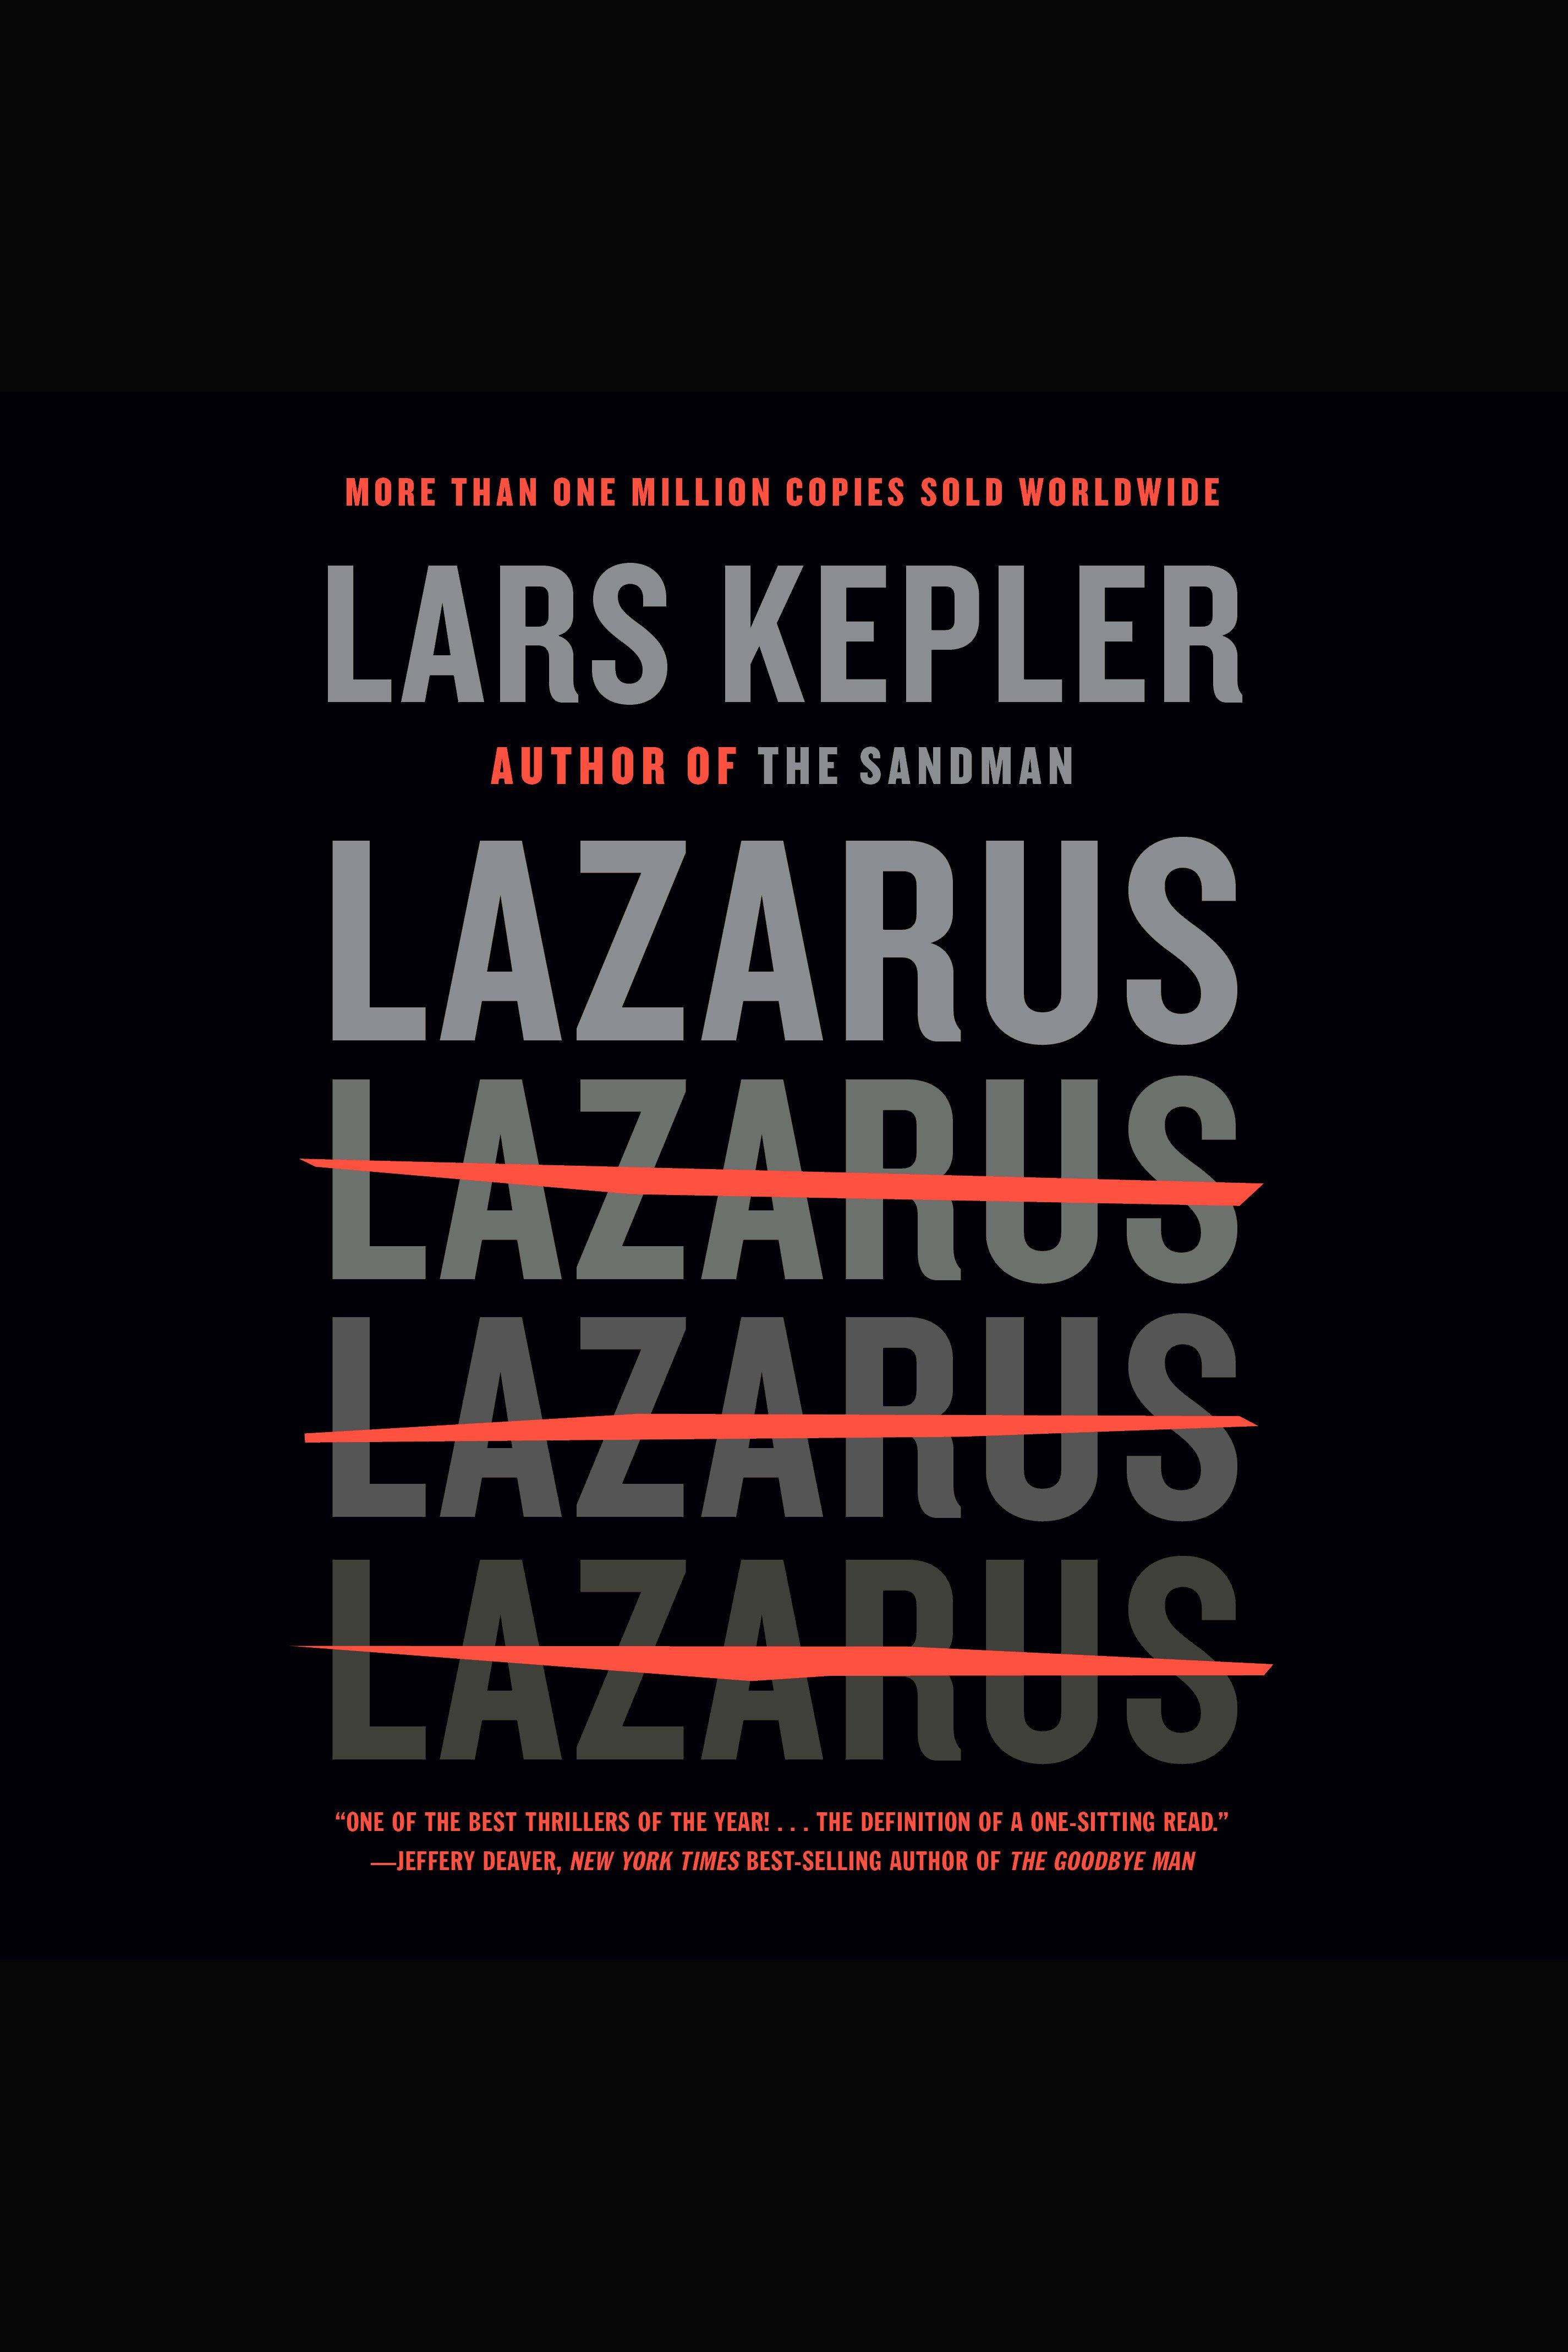 Lazarus cover image